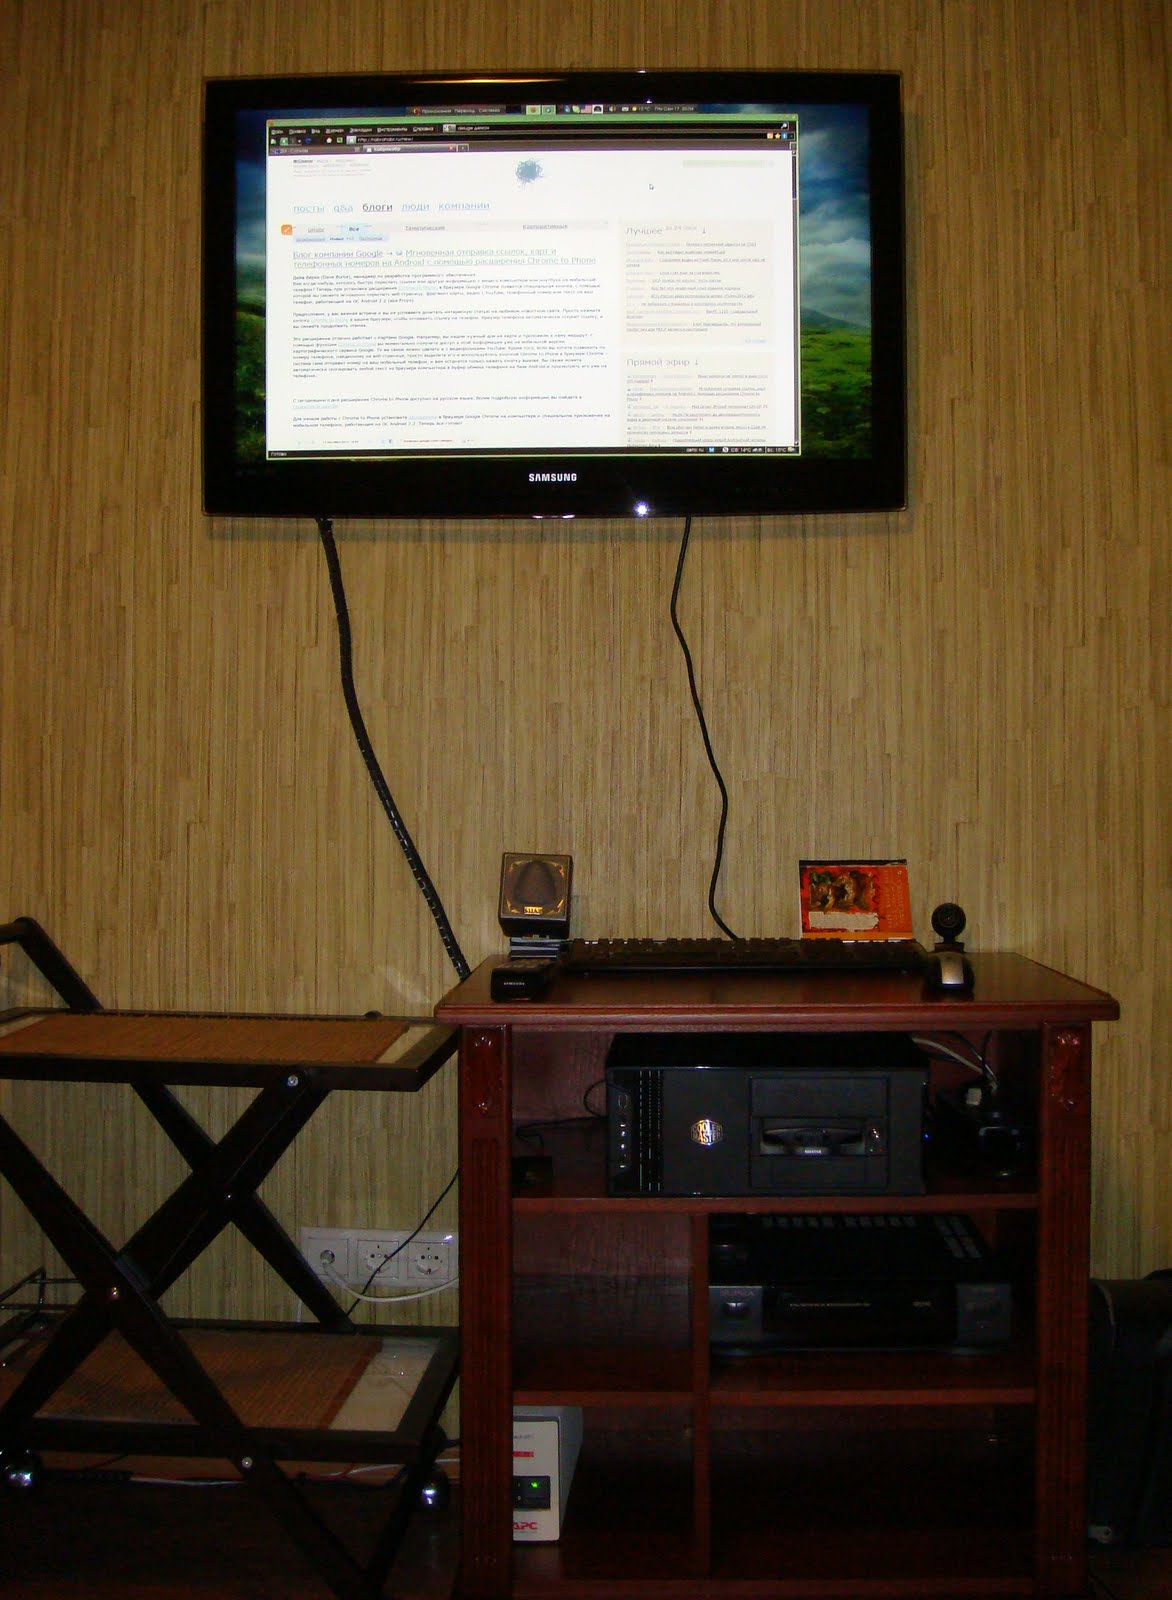 Музыкальный центр с wifi и интернет радио